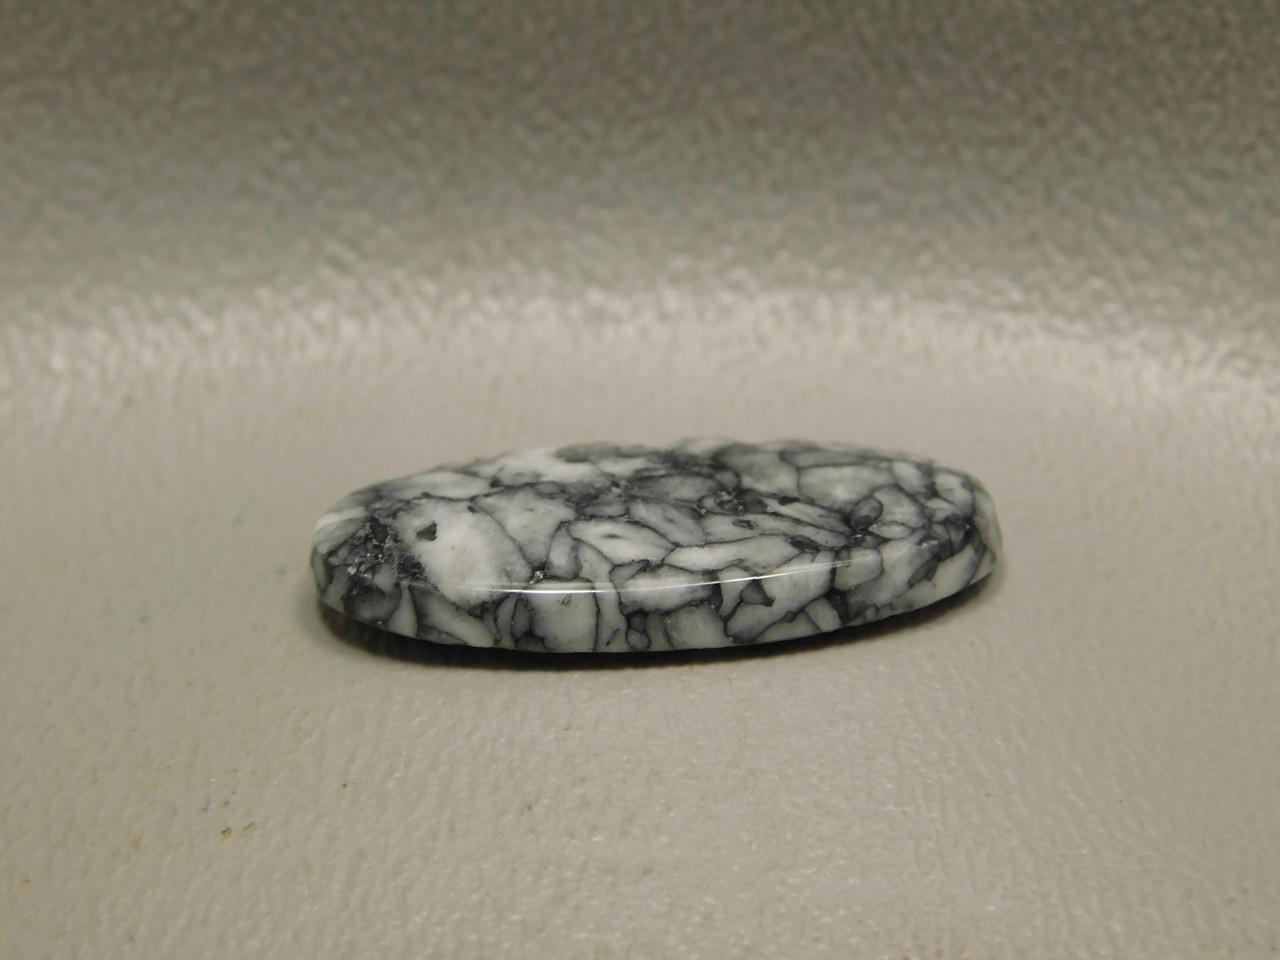 Stone Cabochon Pinolith or Pinolite Semi Precious Gemstone #21